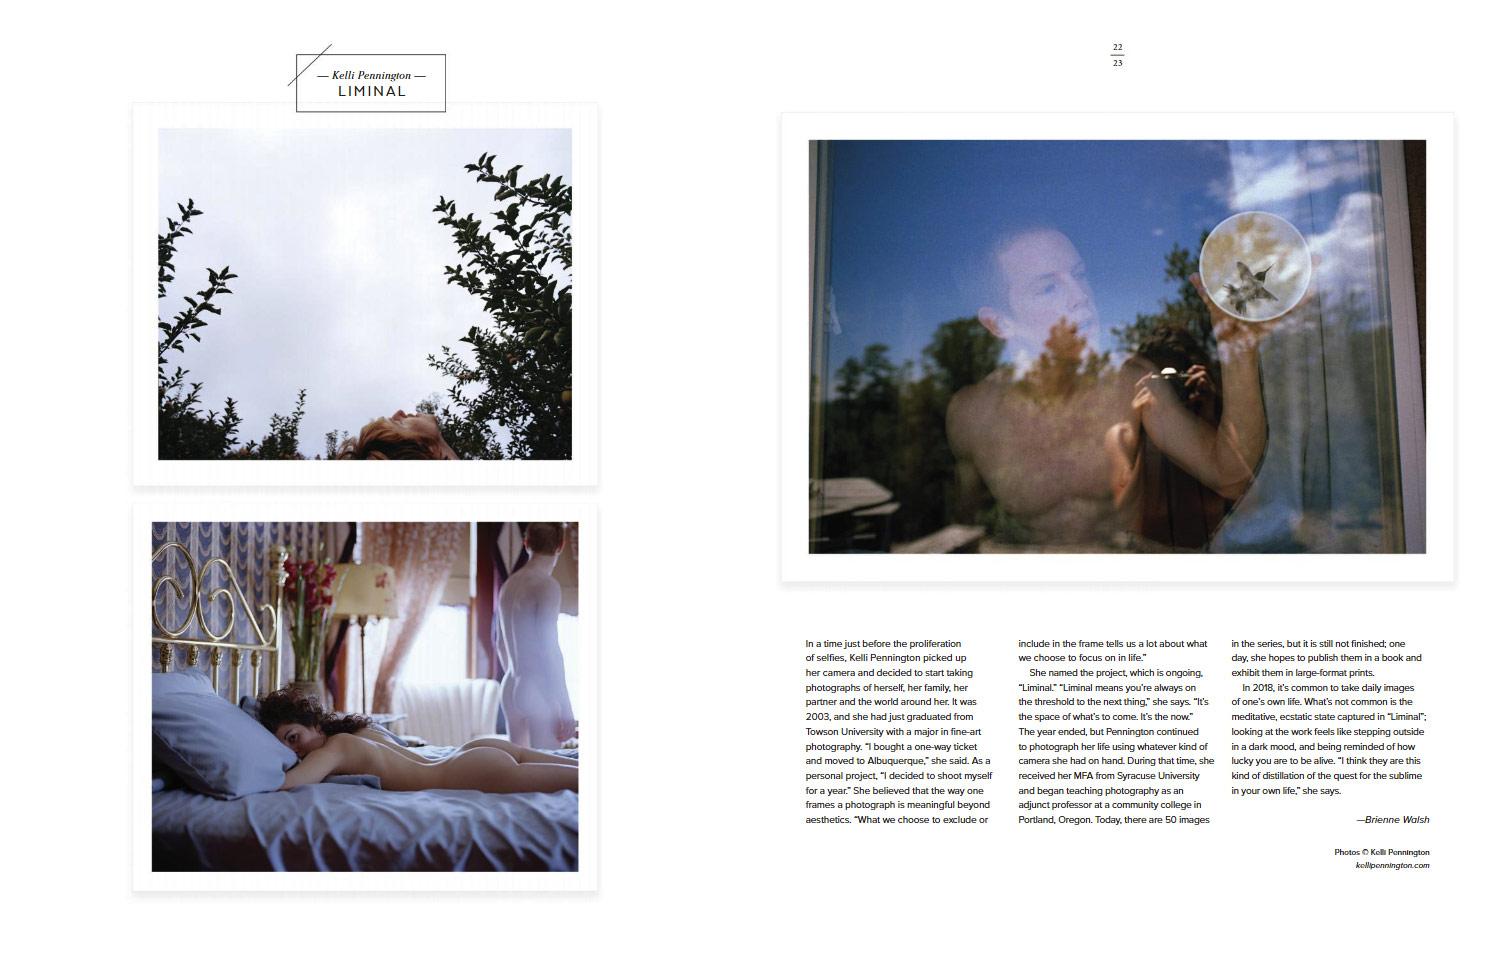 Пограничный © Келли Пеннингтон, Фотоконкурс «Начинающий фотограф» — Emerging Photographer